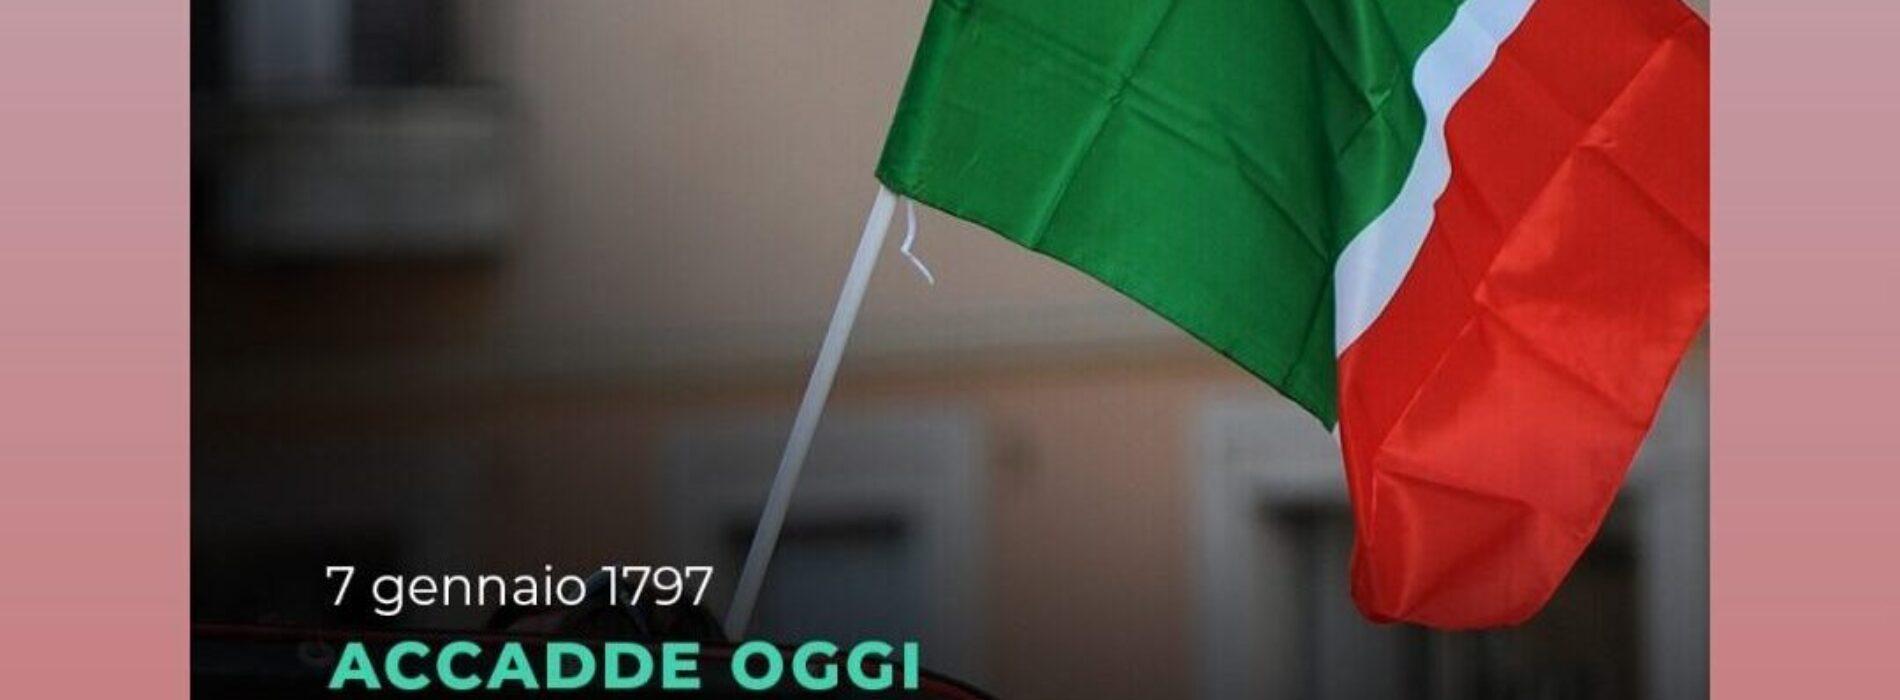 Giornata del Tricolore, la bandiera che fu anche dei Borbone